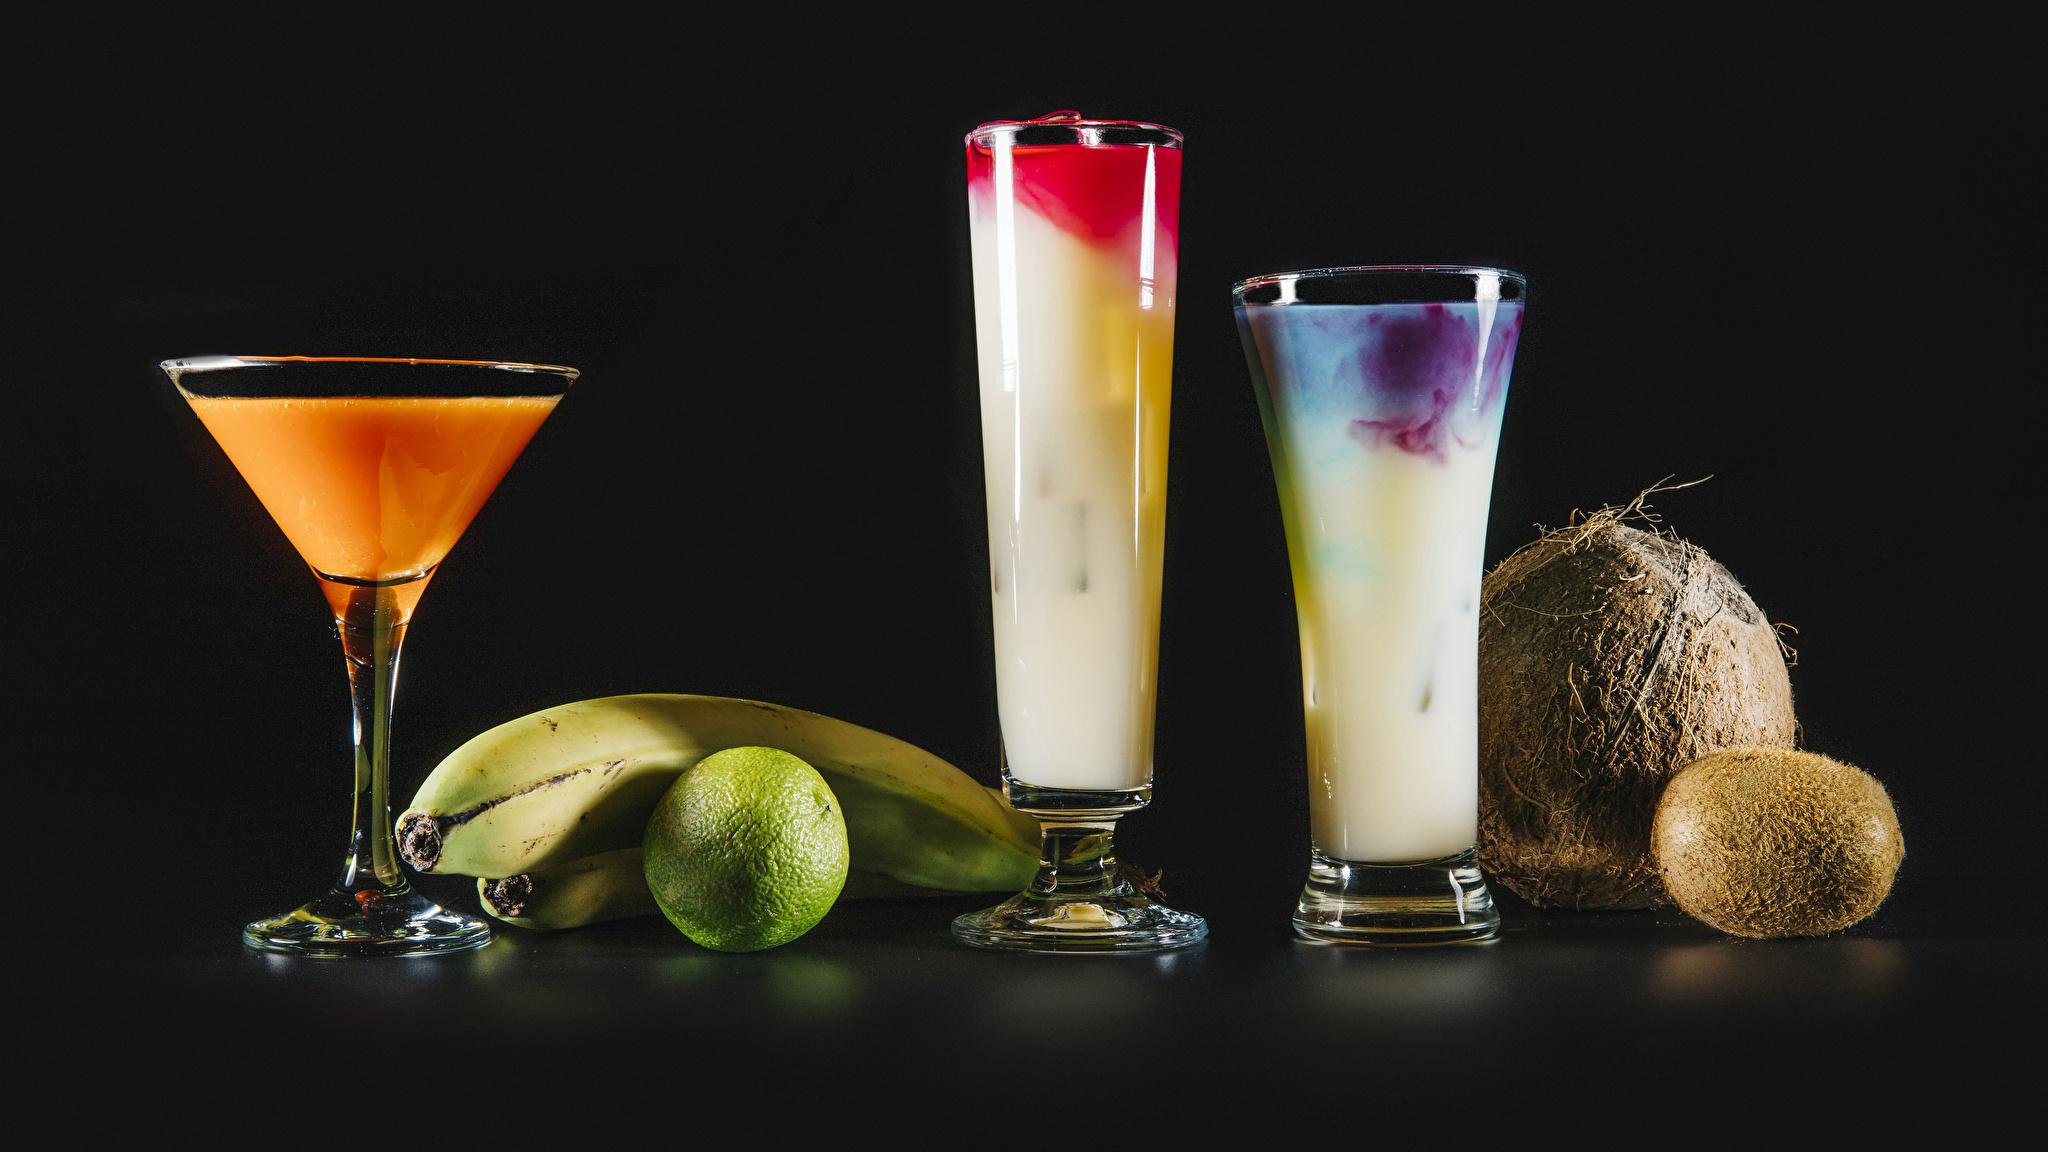 Картинки Лайм Киви Стакан Кокосы Бананы Еда Коктейль Черный фон 2048x1152 Пища Продукты питания